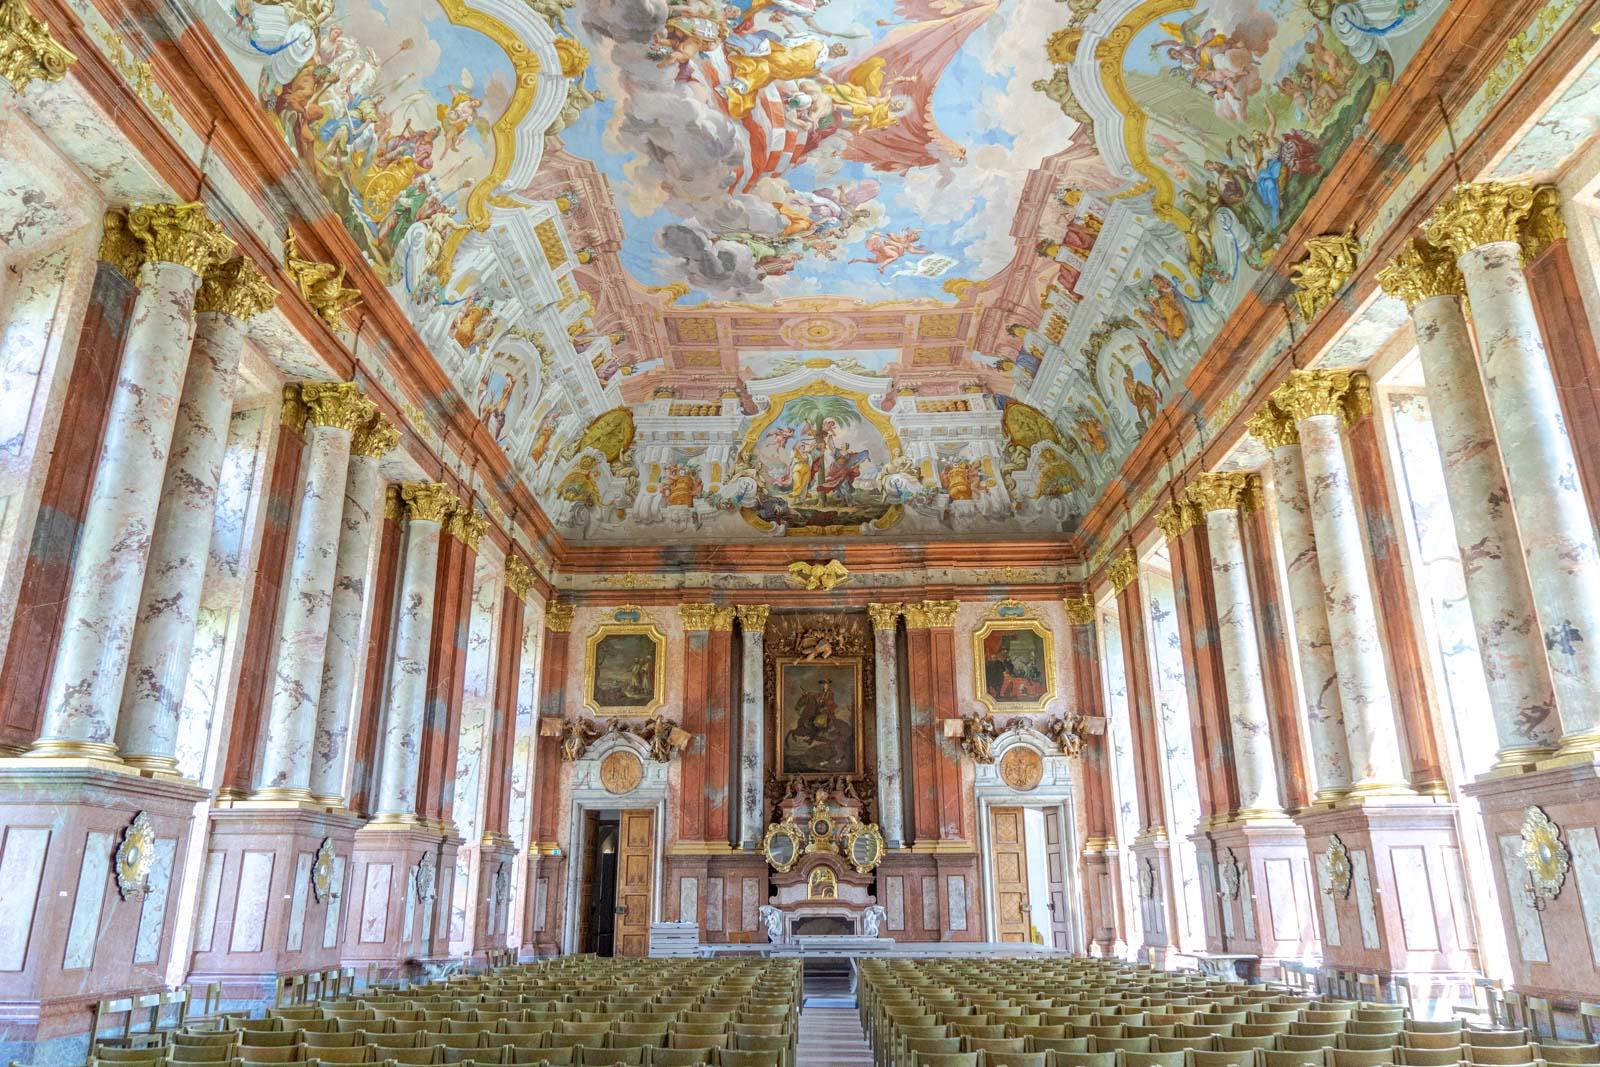 St Florian Monastery Imperial Hall, Austria